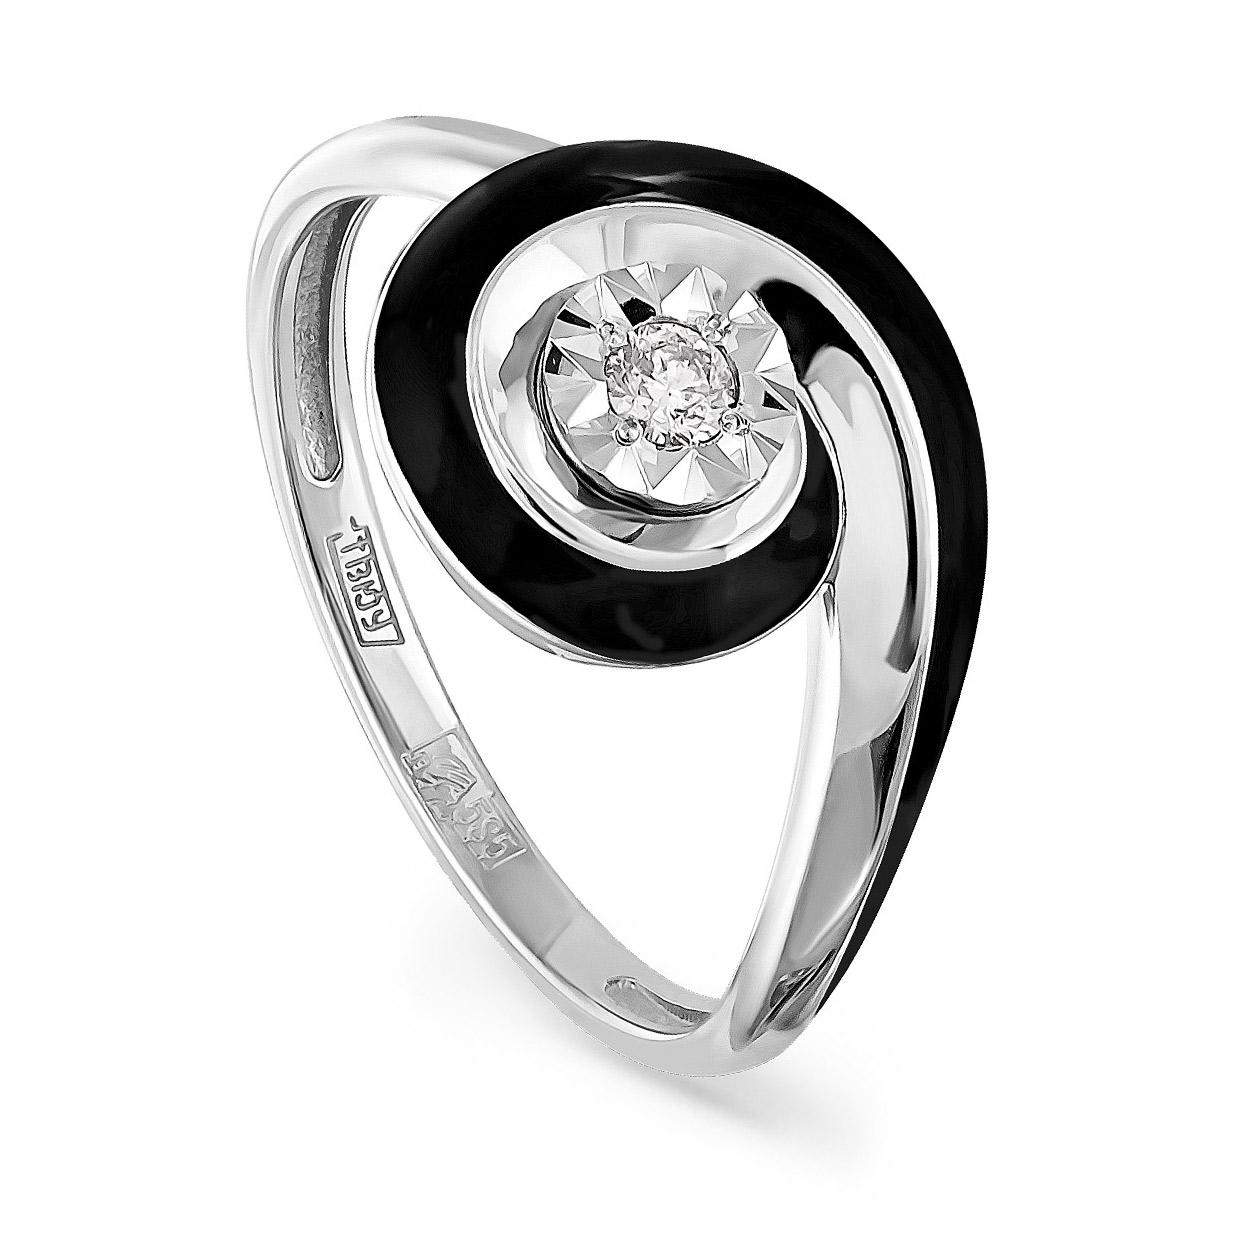 Кольцо из белого золота Бриллиант арт. 11-1935-1002 11-1935-1002